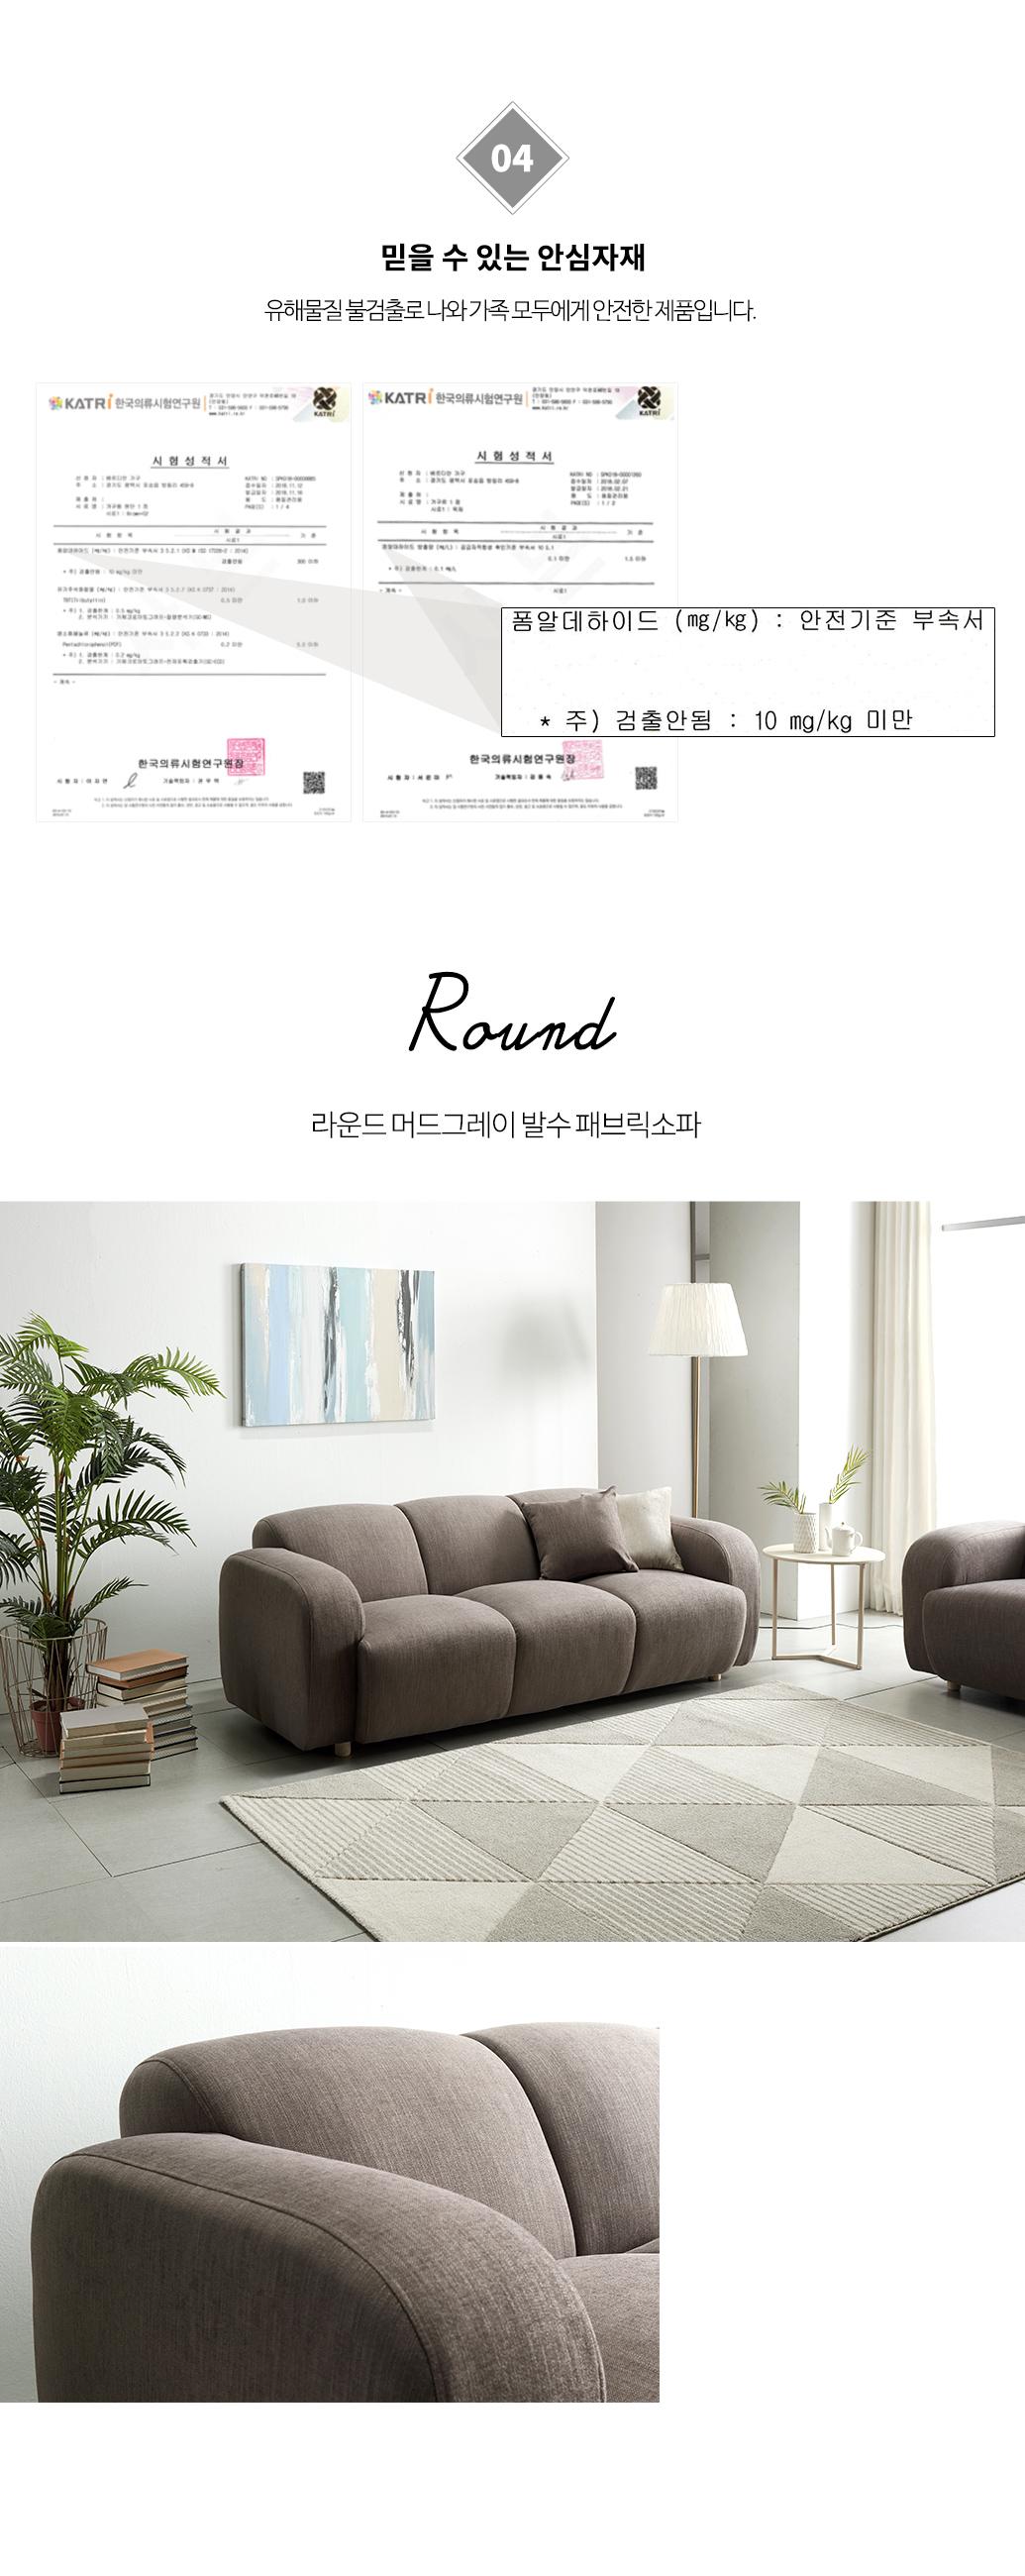 round_g_07.jpg